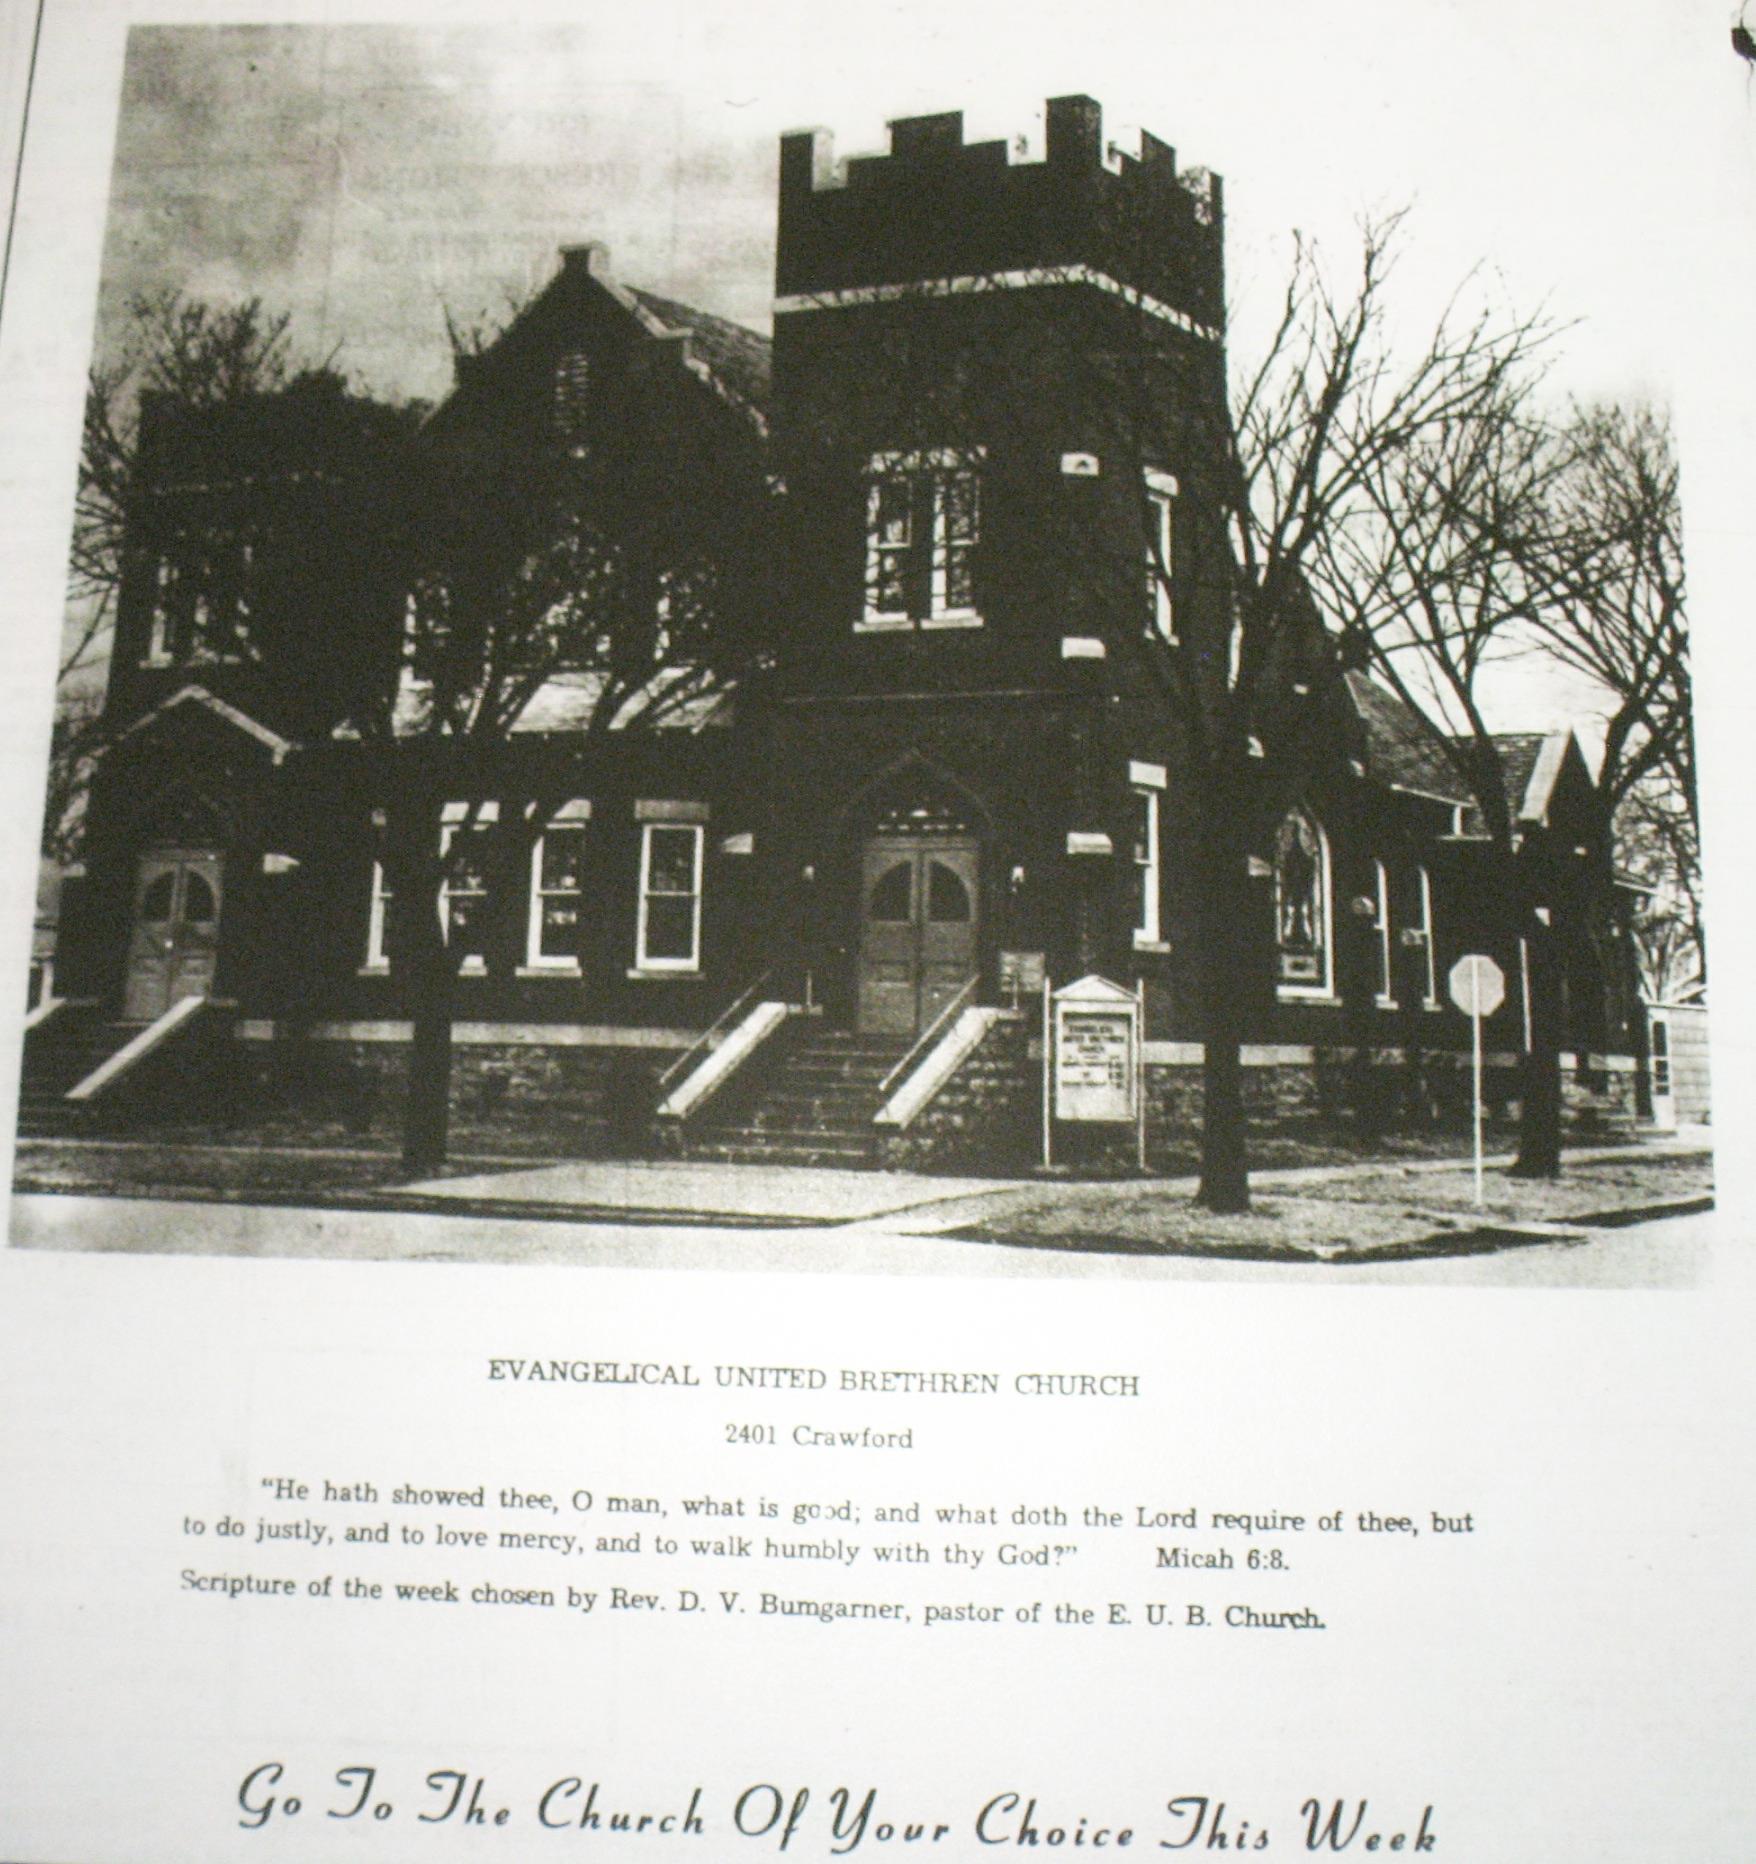 #119 EUB CHURCH, 2401 CRAWFORD